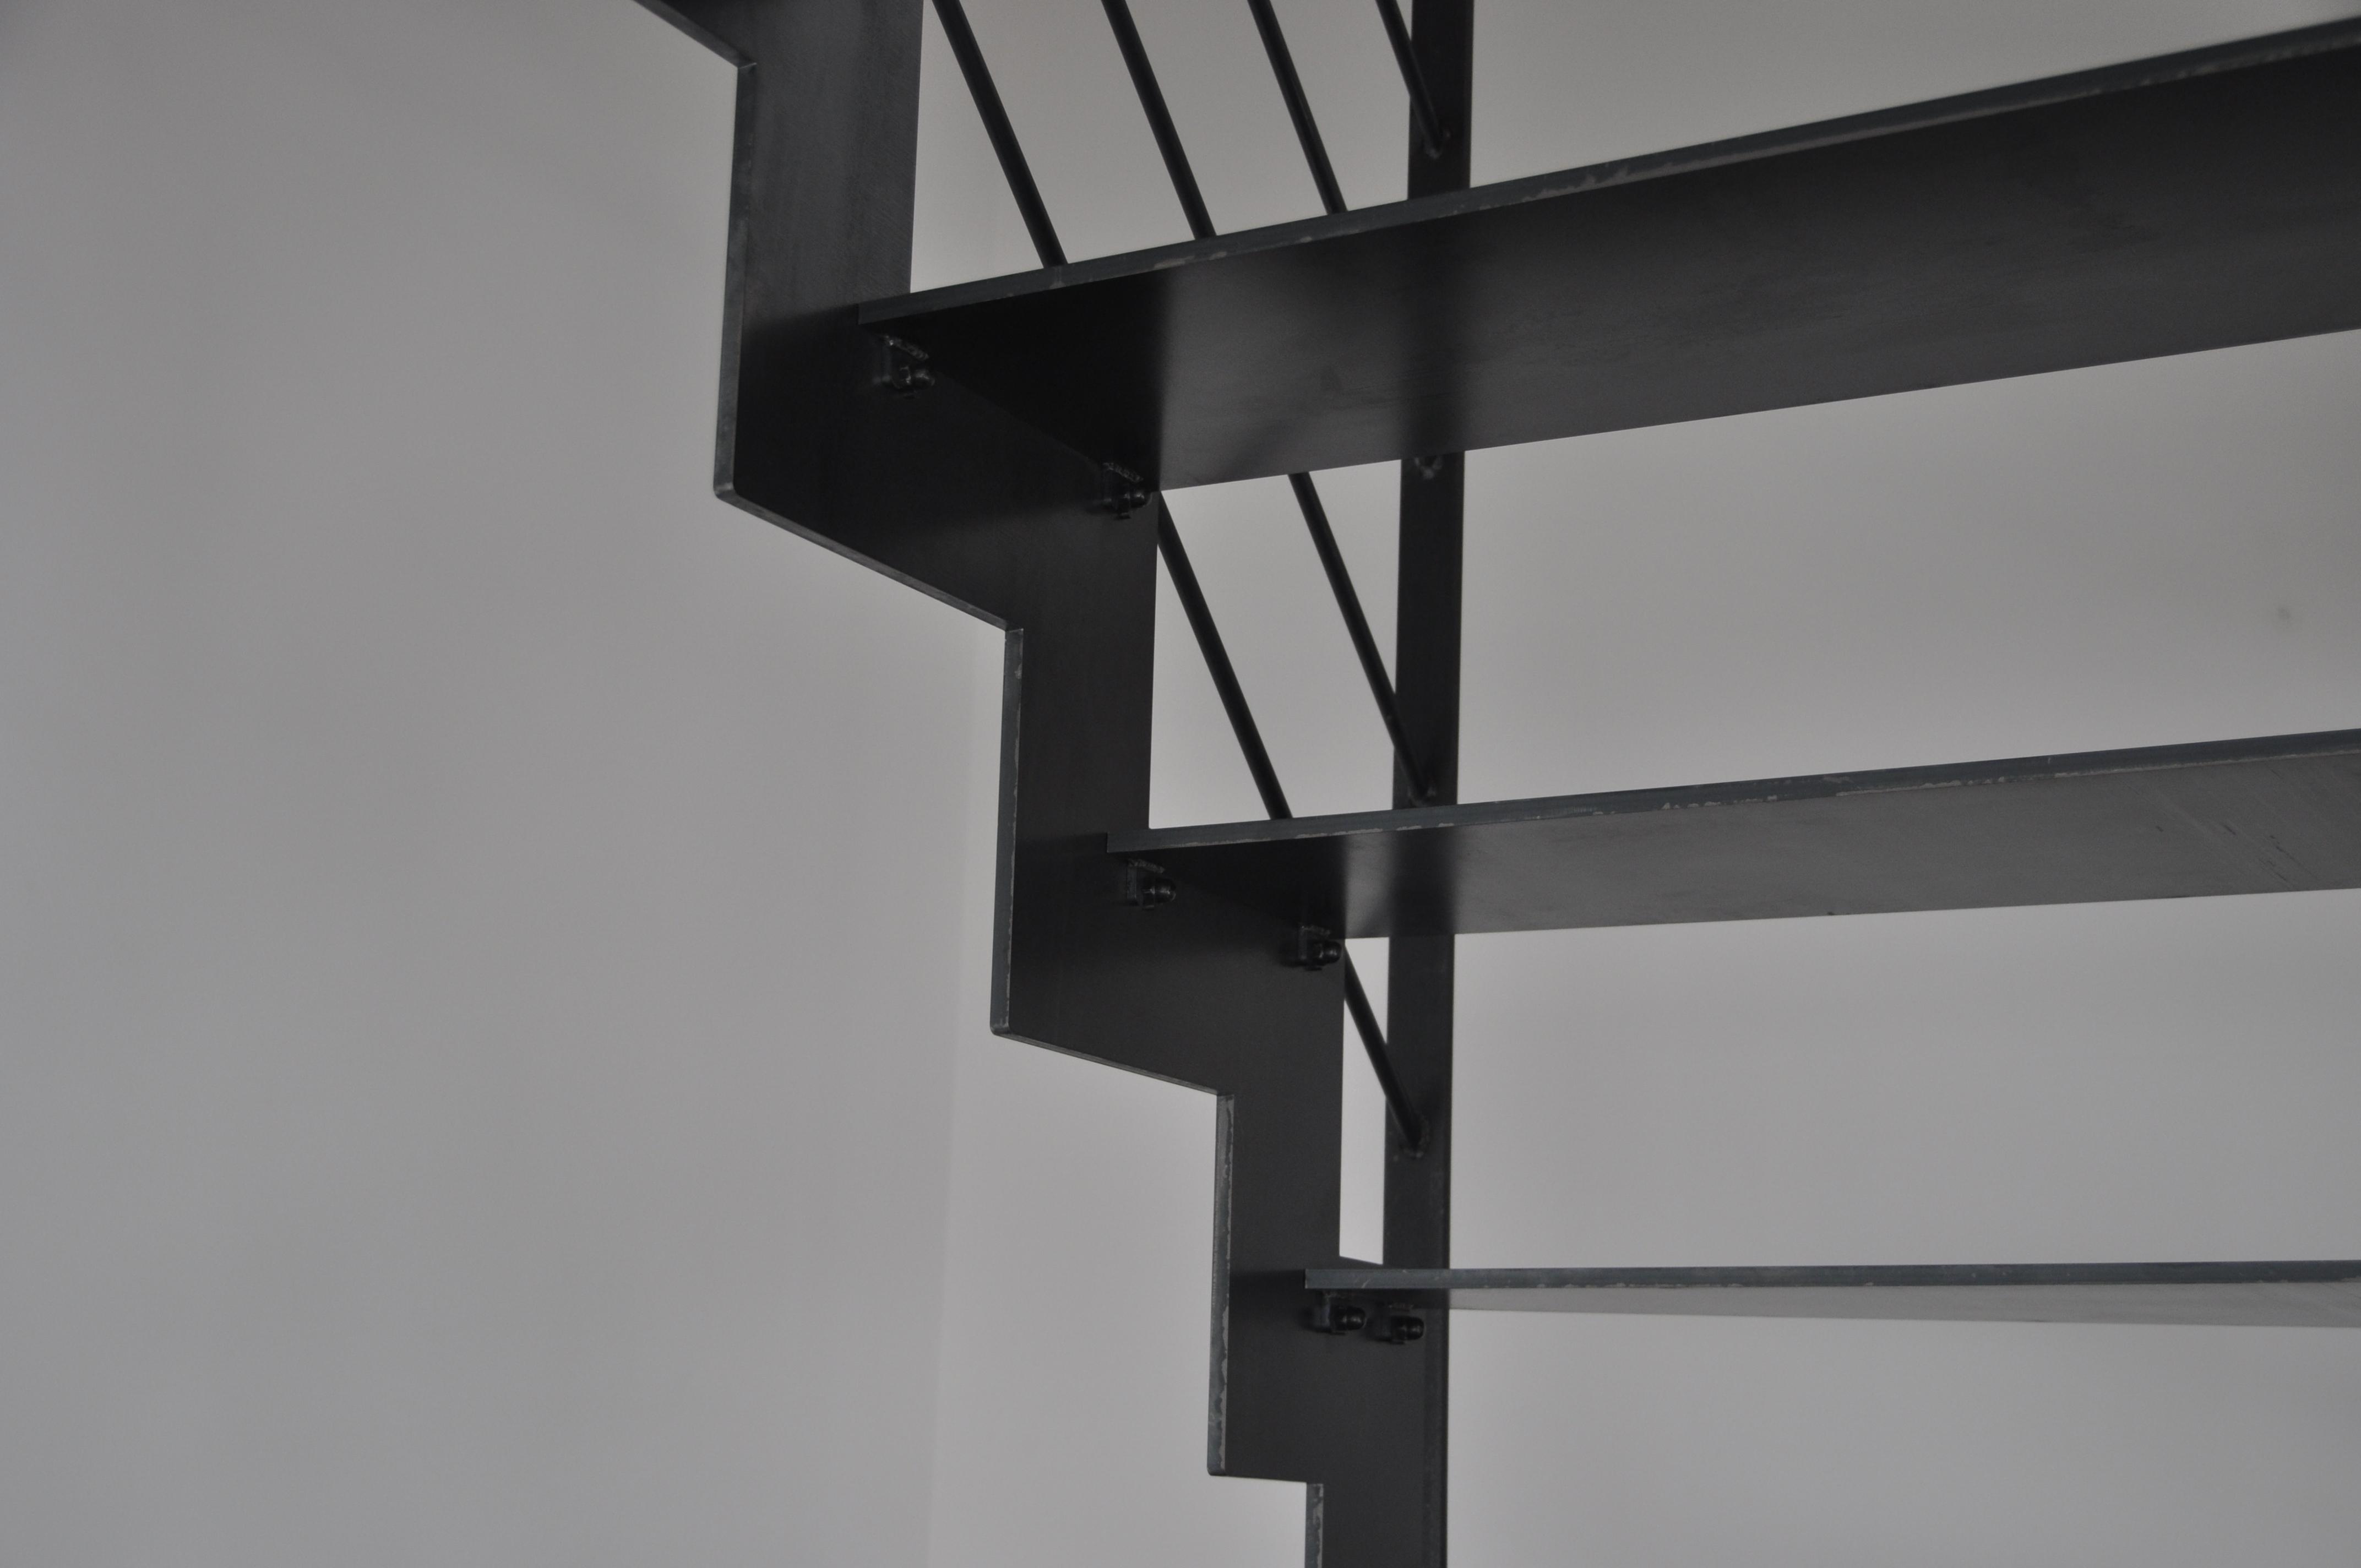 escalier en métal dans le morbihan vu d'en-dessous